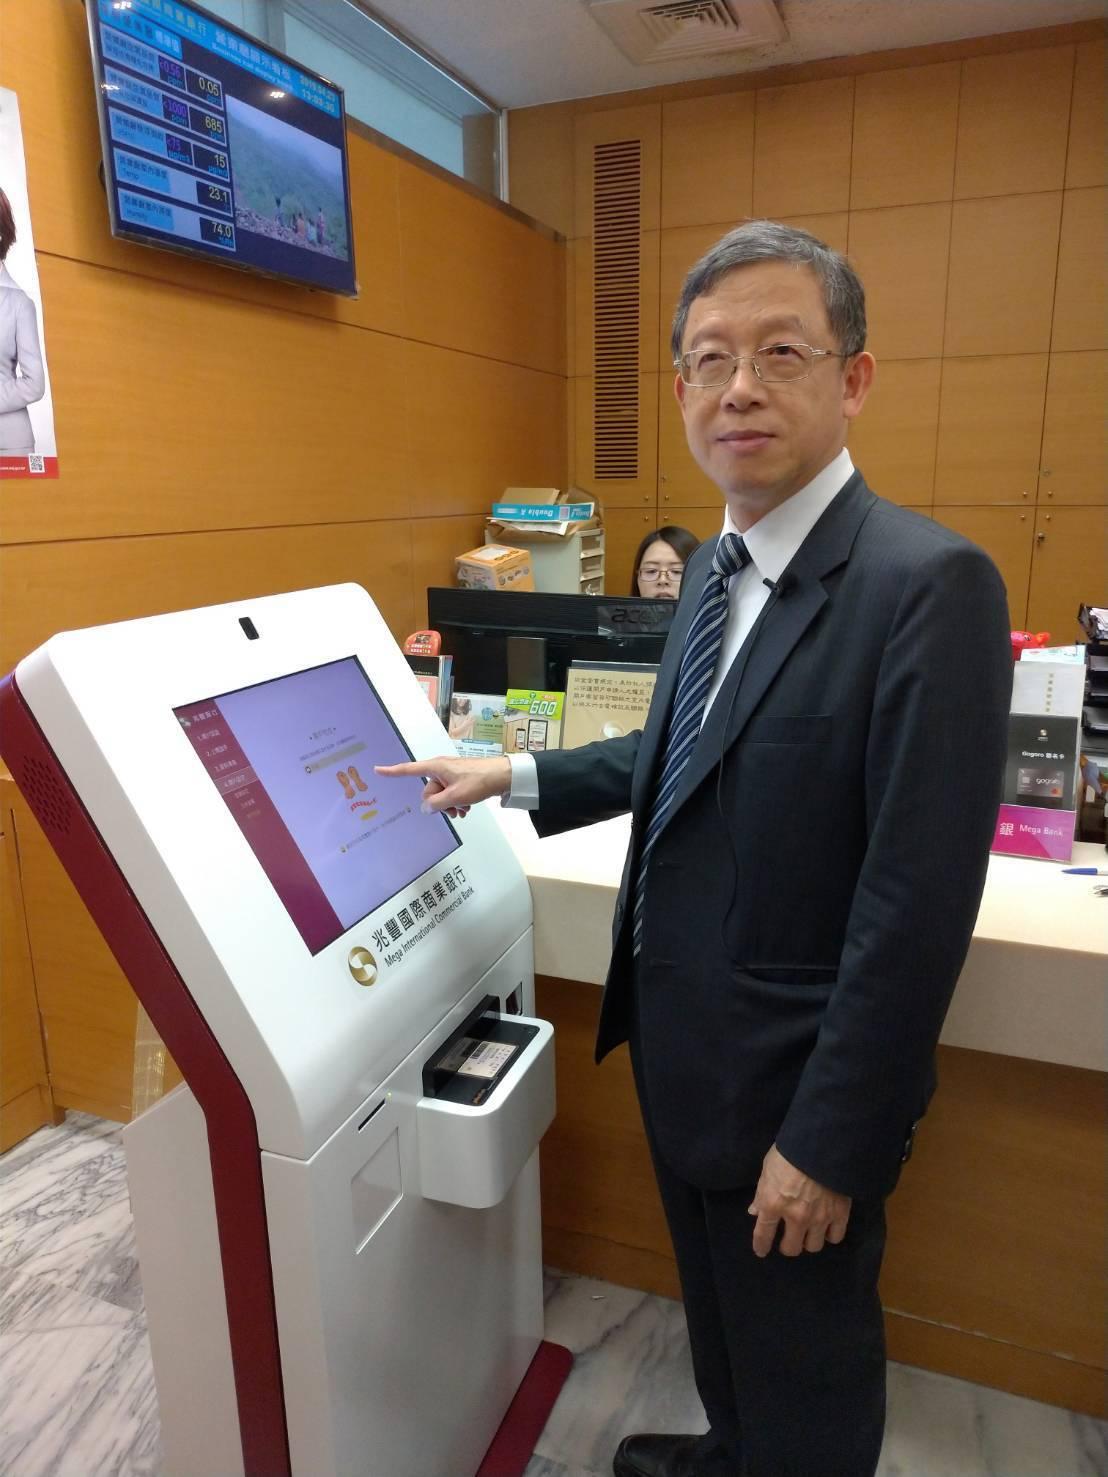 從華南銀行曝光的薪資狀況來看,金融業主管平均年薪250萬元起跳,果真是金飯碗。圖...